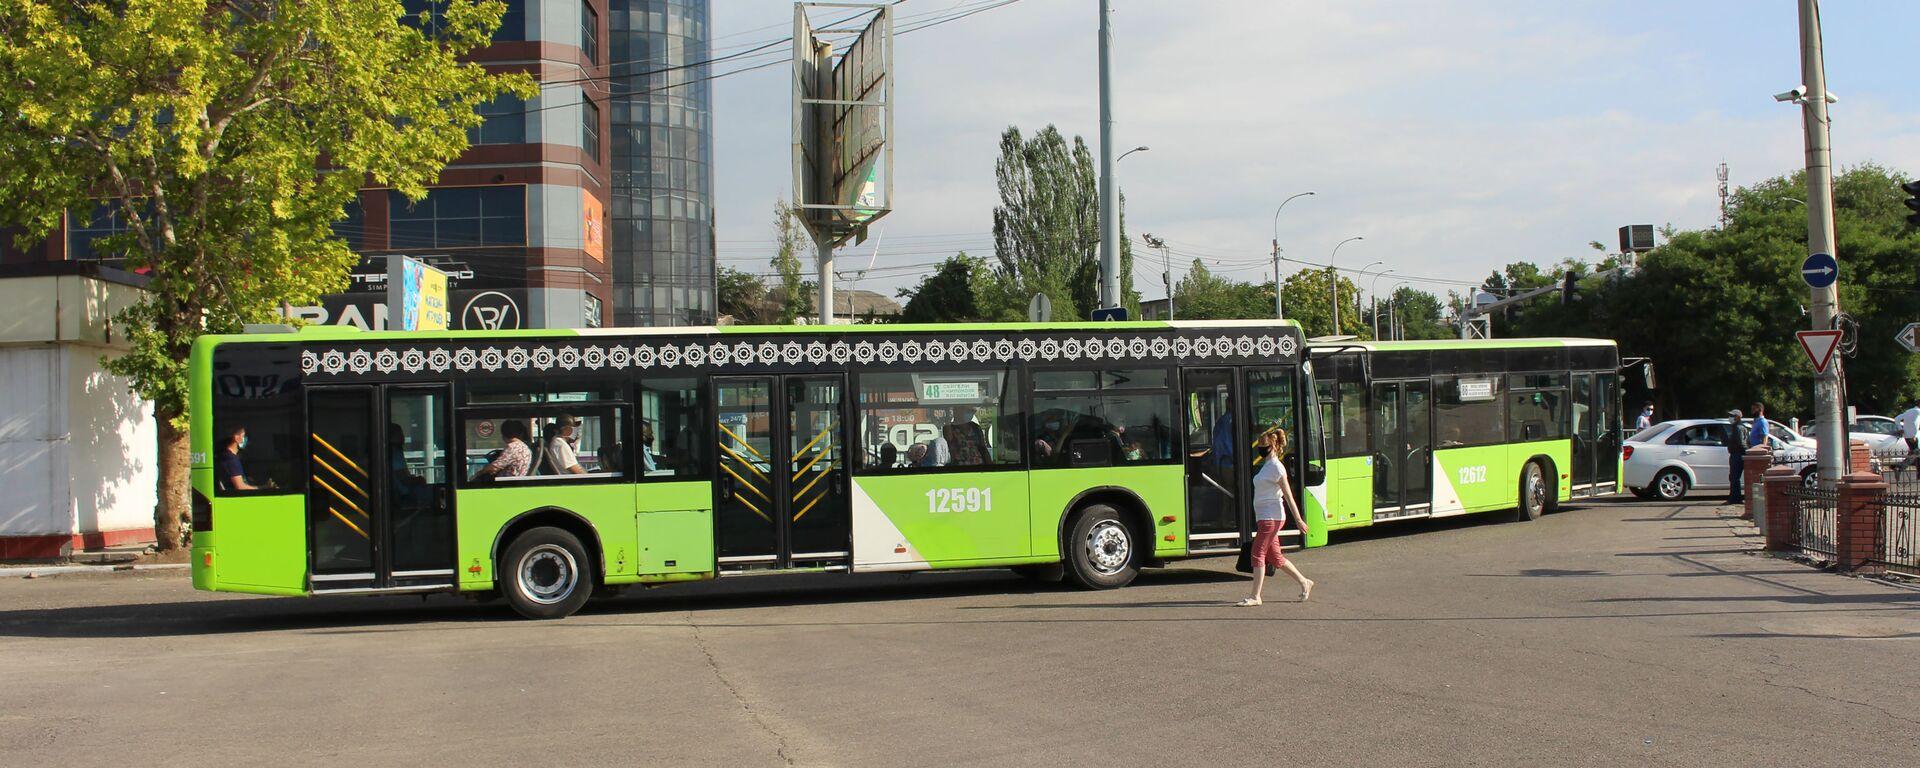 Возобновление движения общественного транспорта в Ташкенте - Sputnik Узбекистан, 1920, 28.06.2021